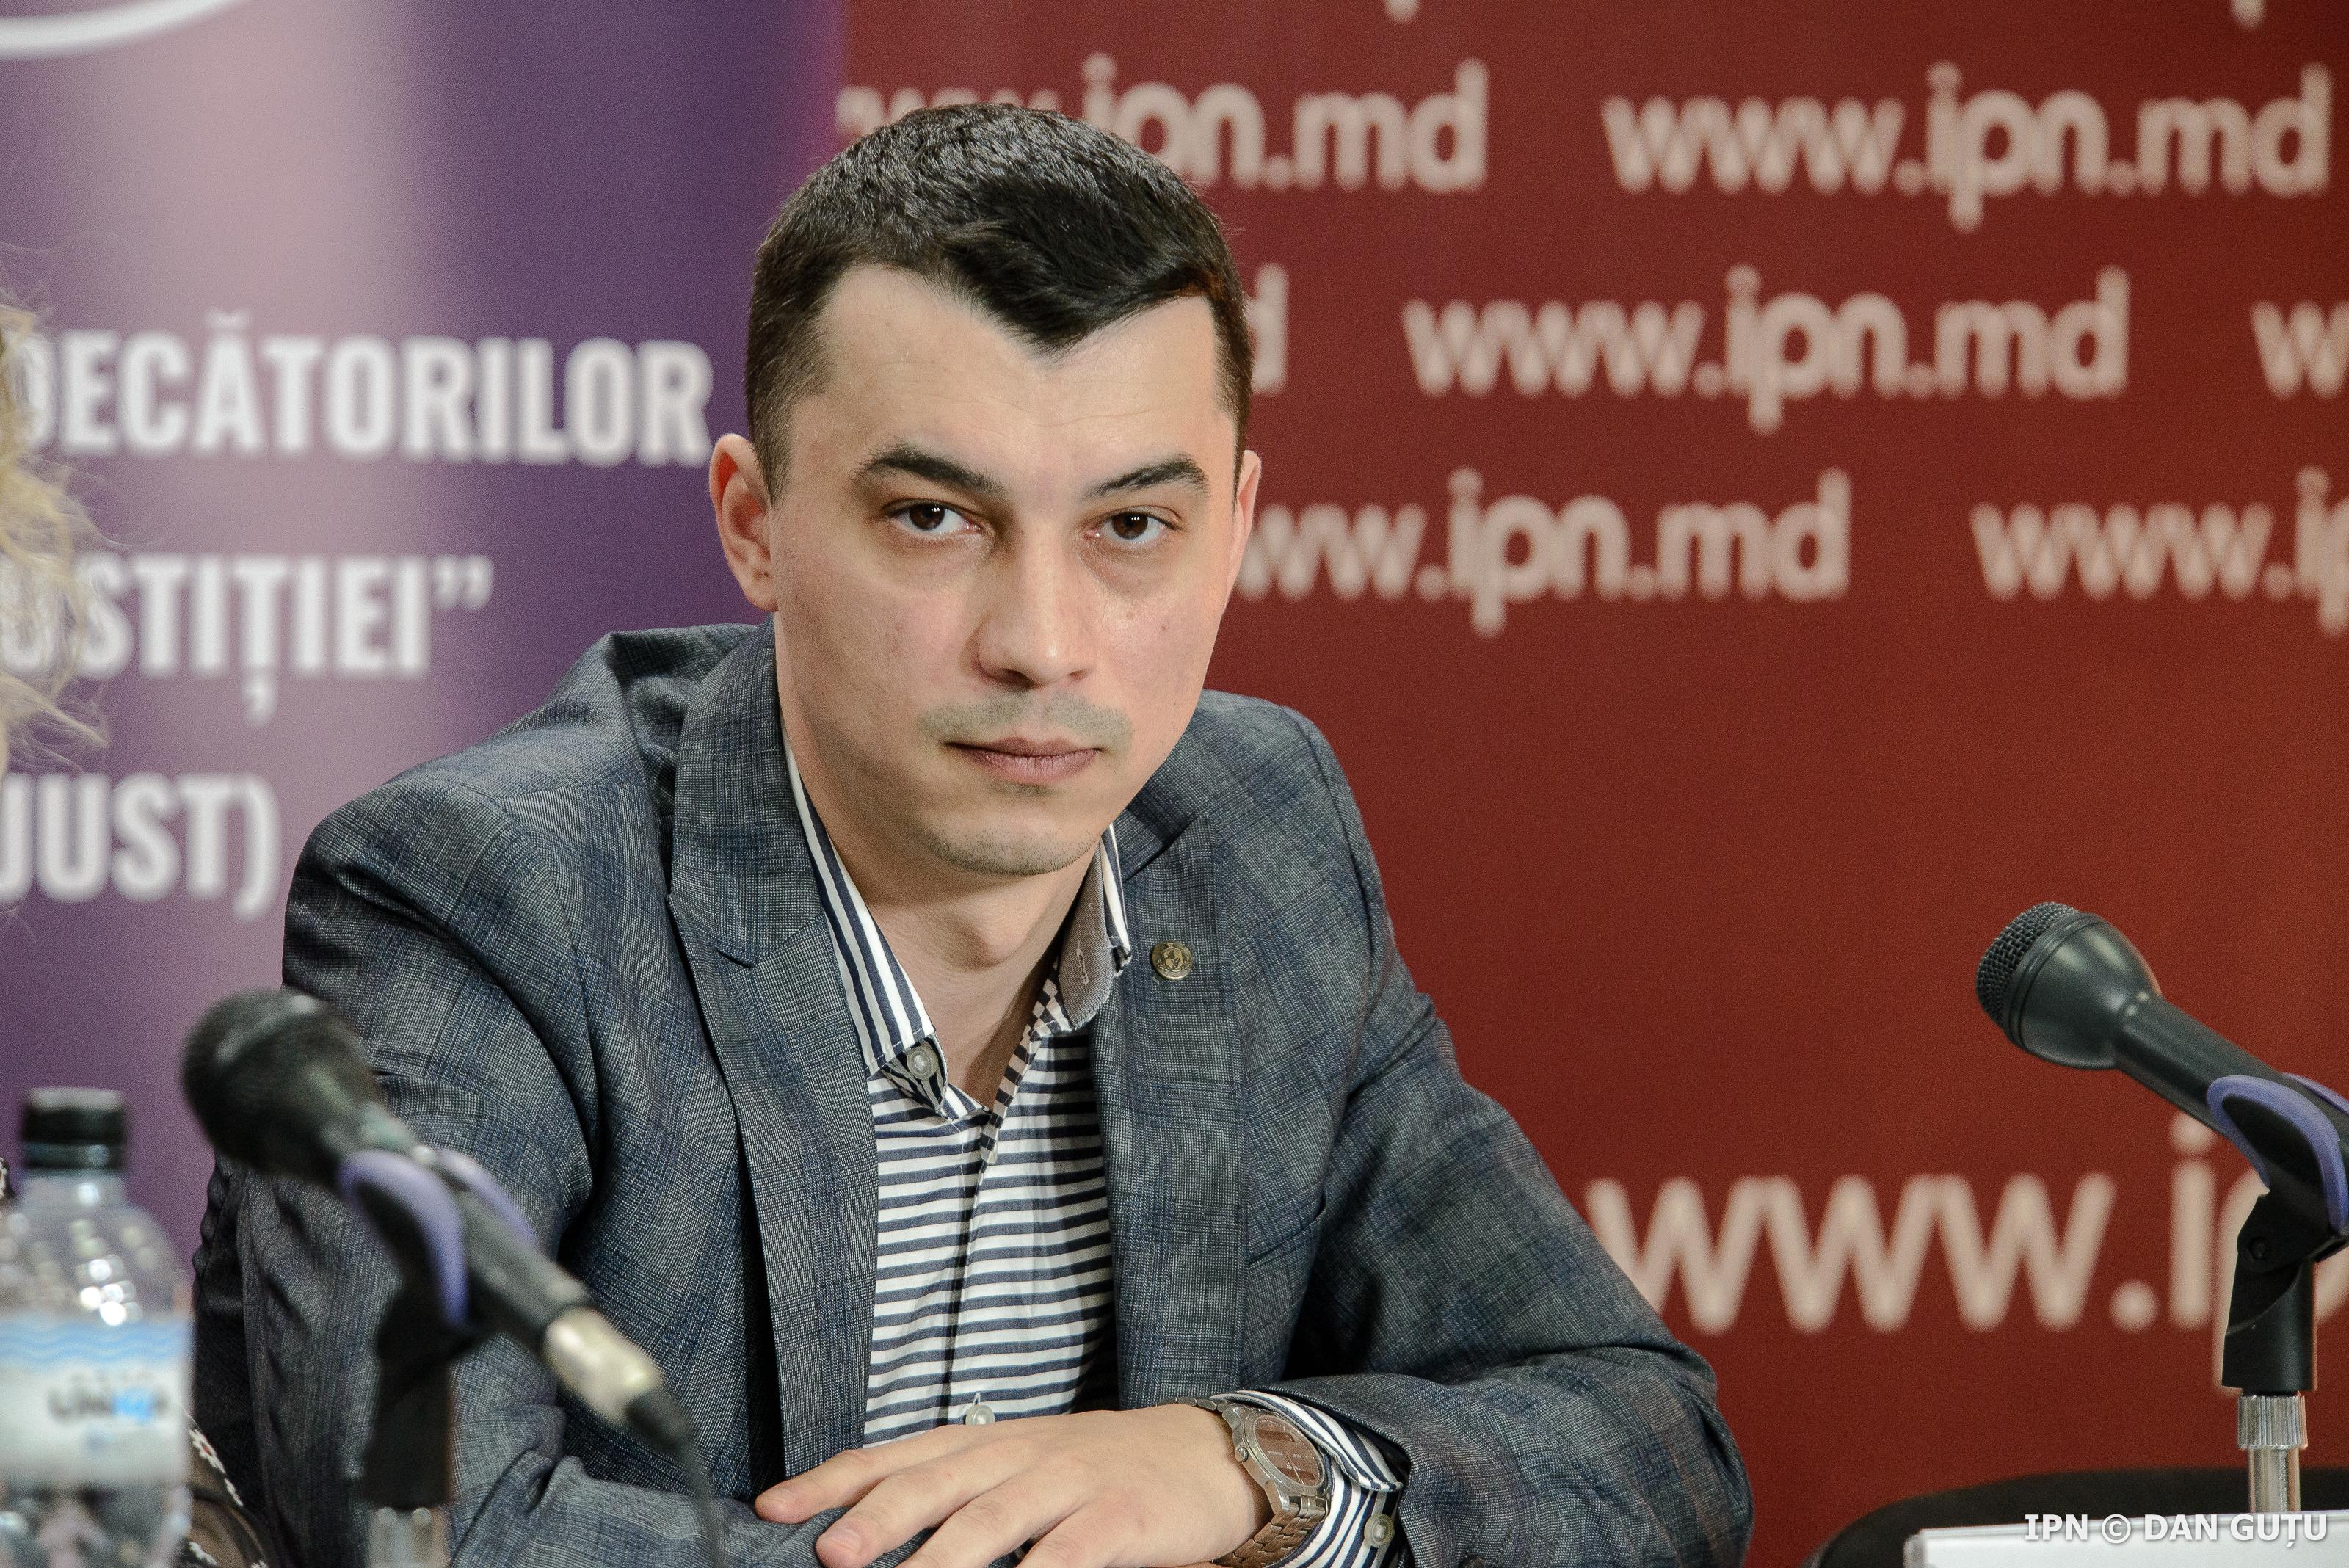 Mihai Murguleț